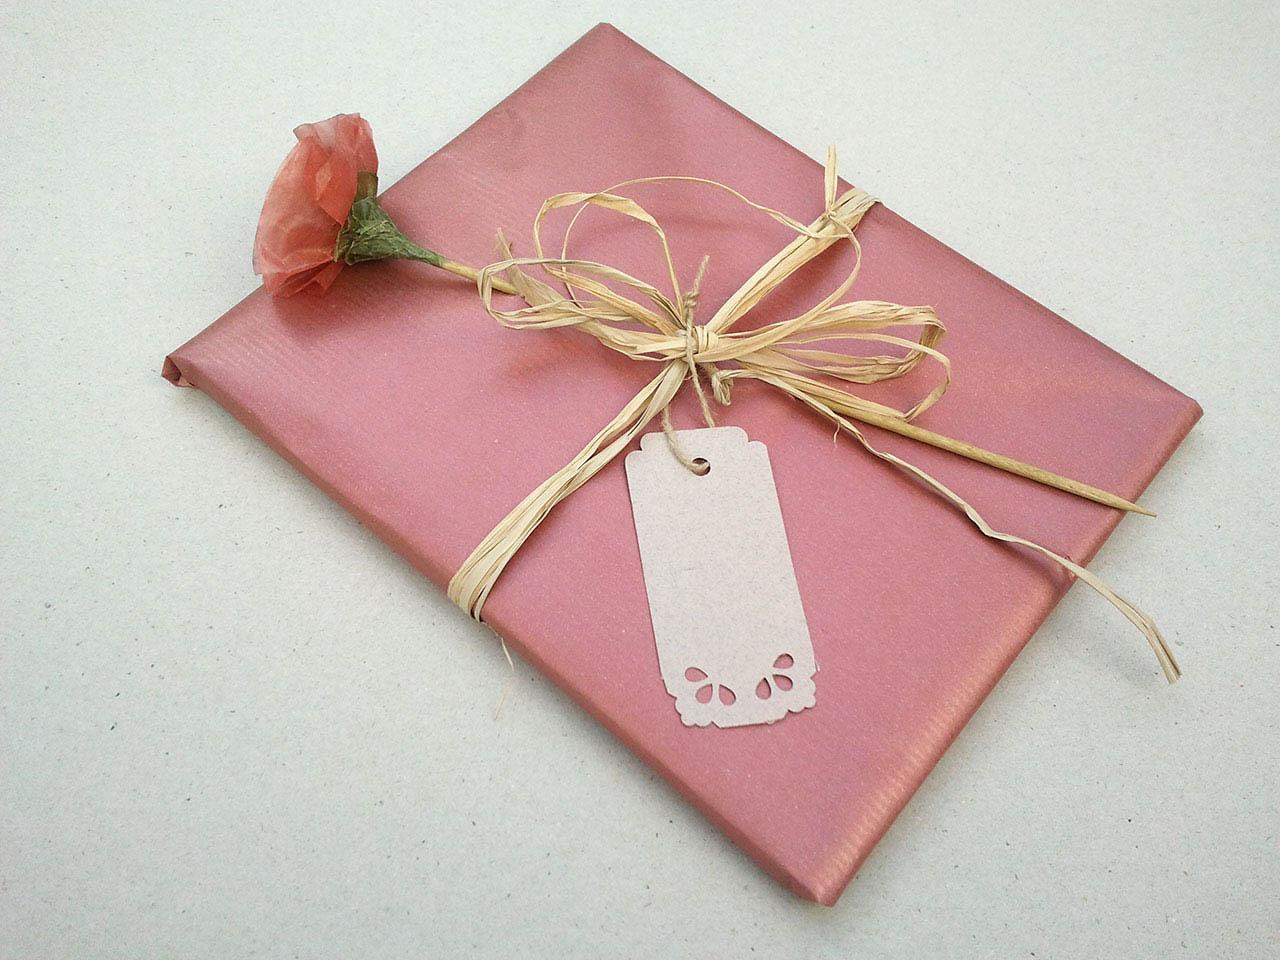 Envoltorio para regalos de bautizo con flor de papel y tarjeta